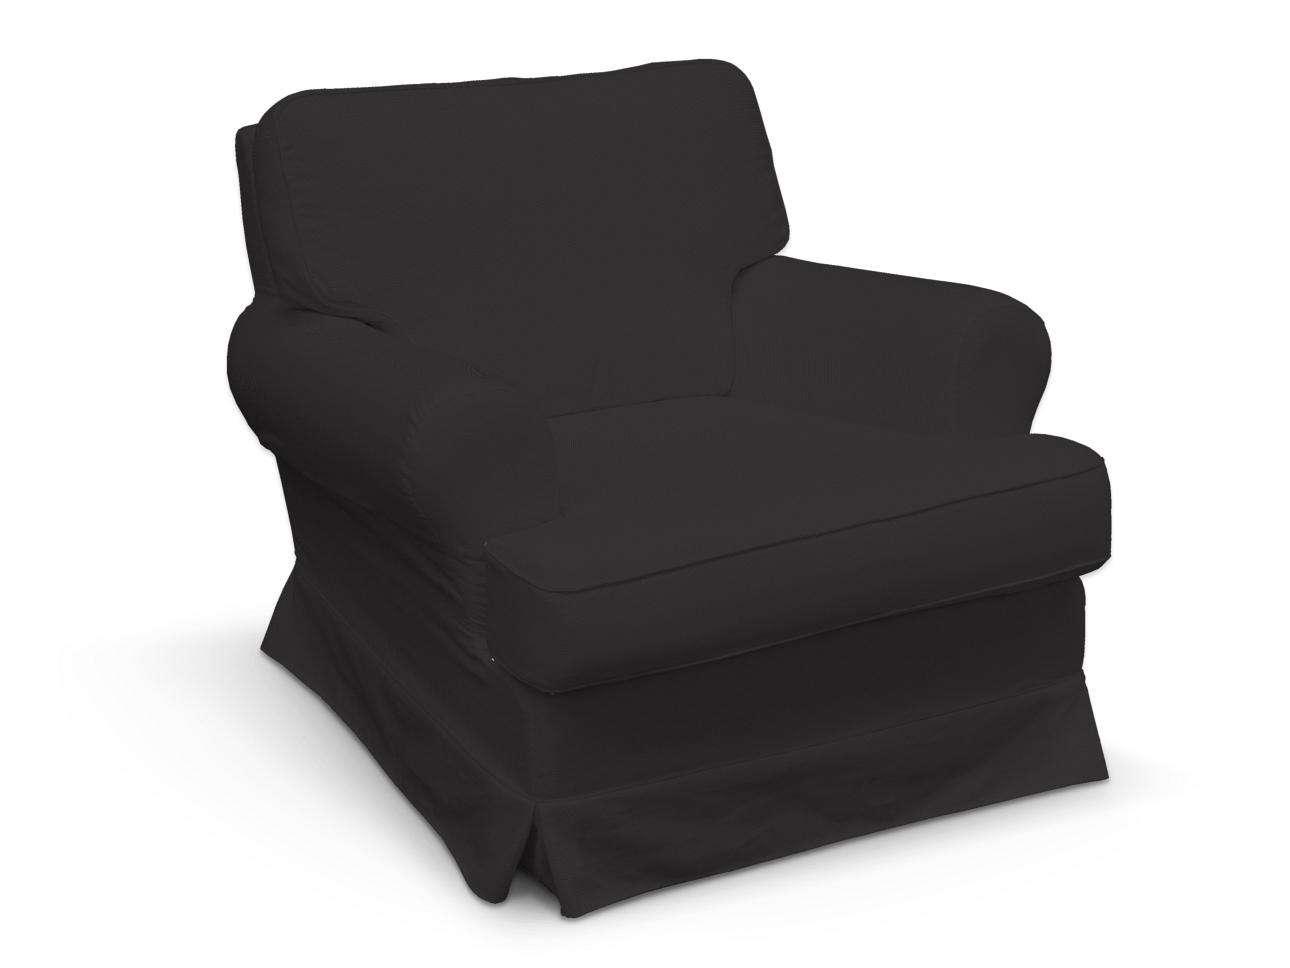 Pokrowiec na fotel Barkaby fotel Barkaby w kolekcji Cotton Panama, tkanina: 702-08